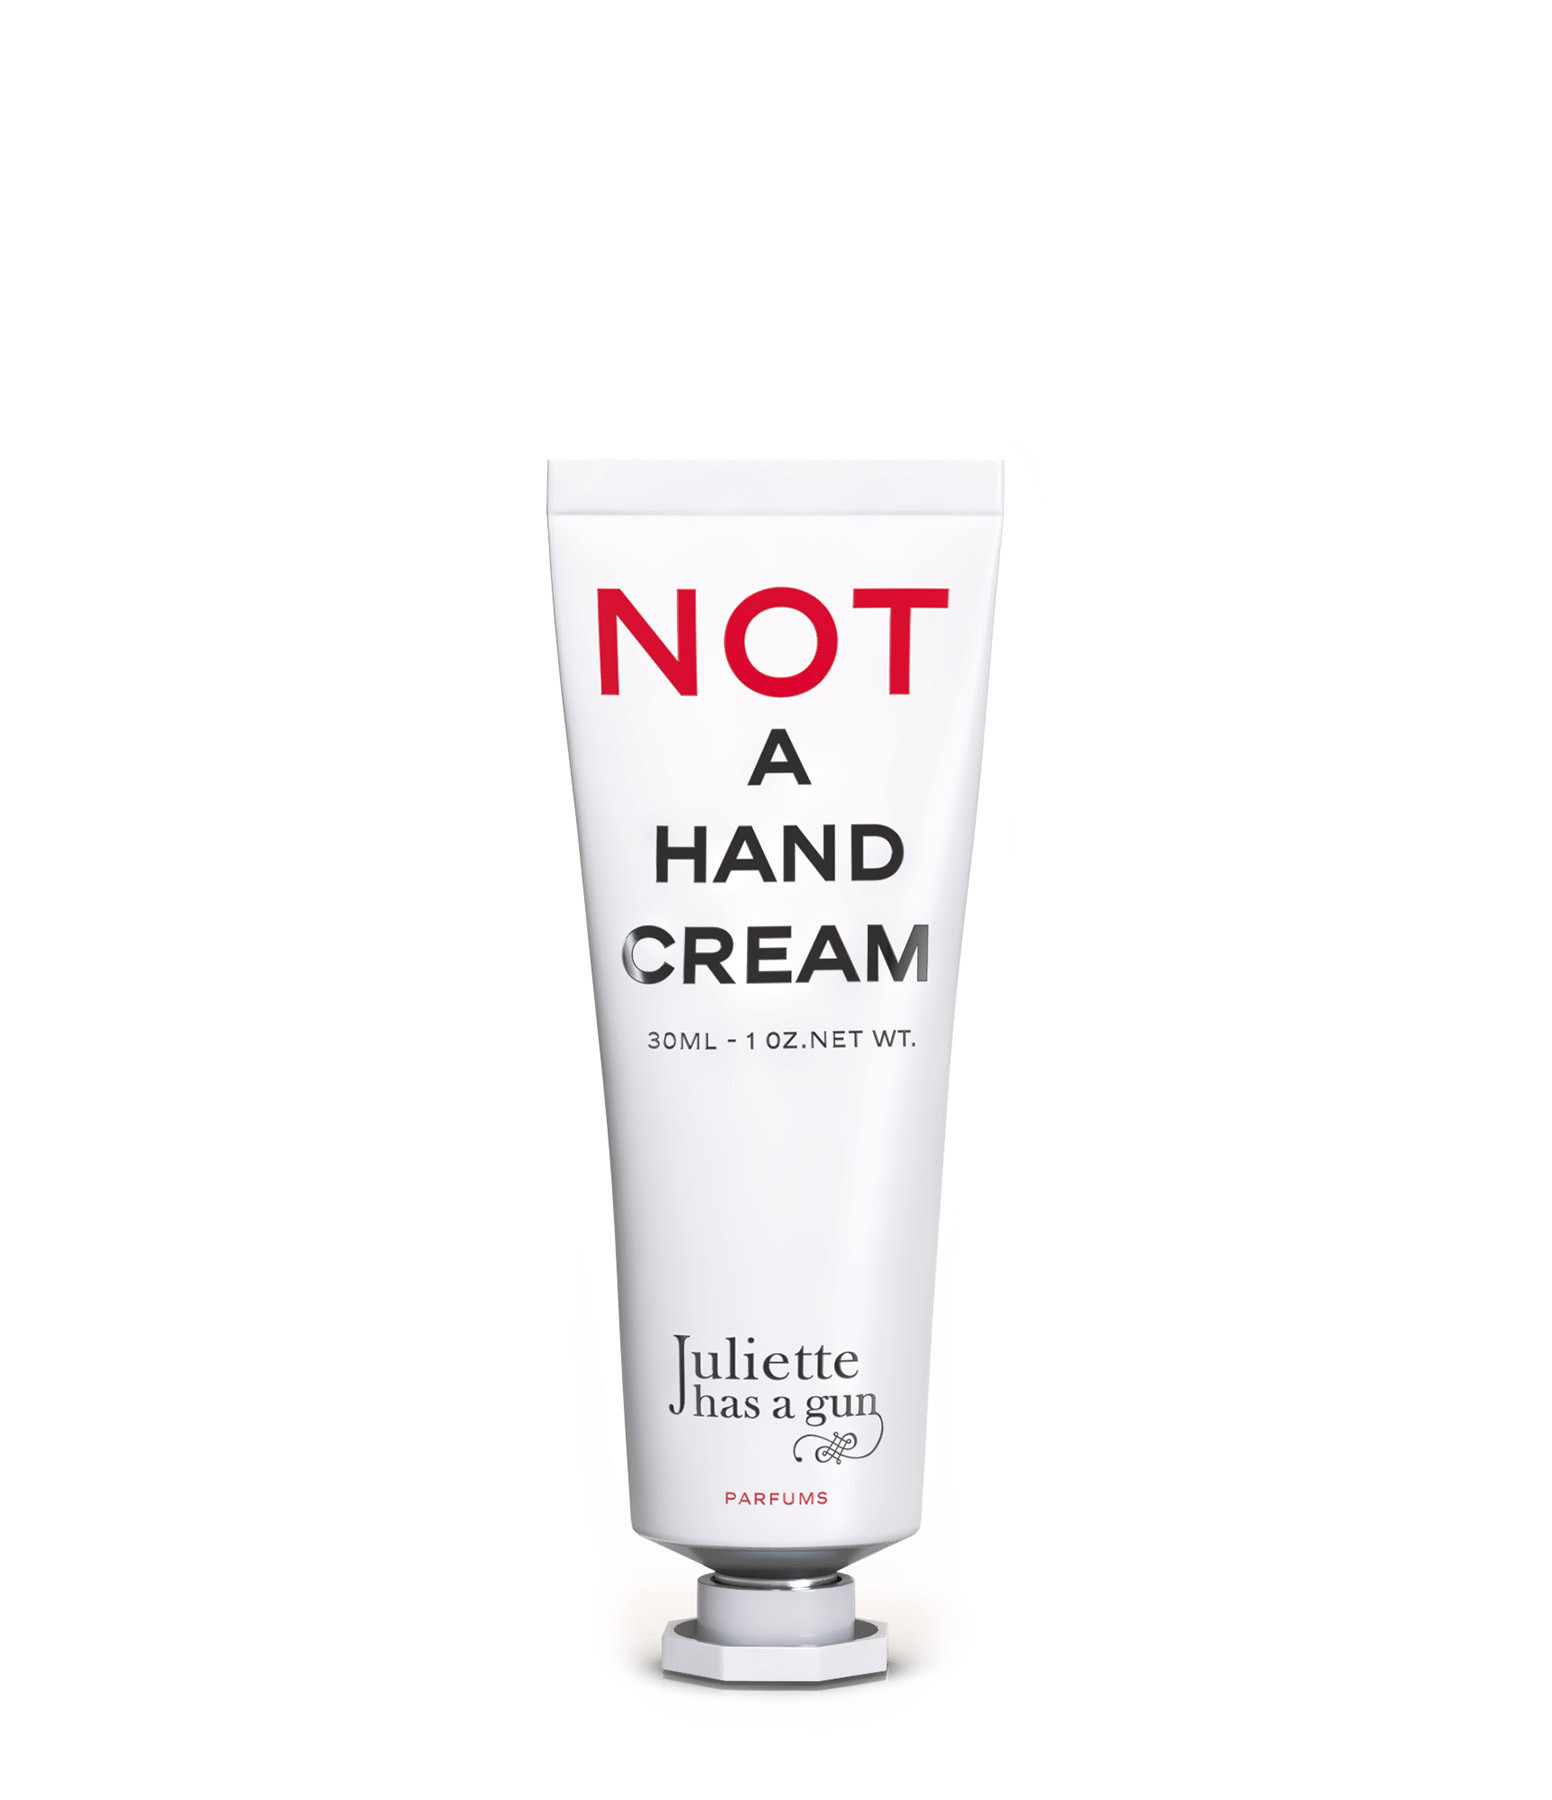 JULIETTE HAS A GUN - Crème Mains Not a Perfume 30 ml